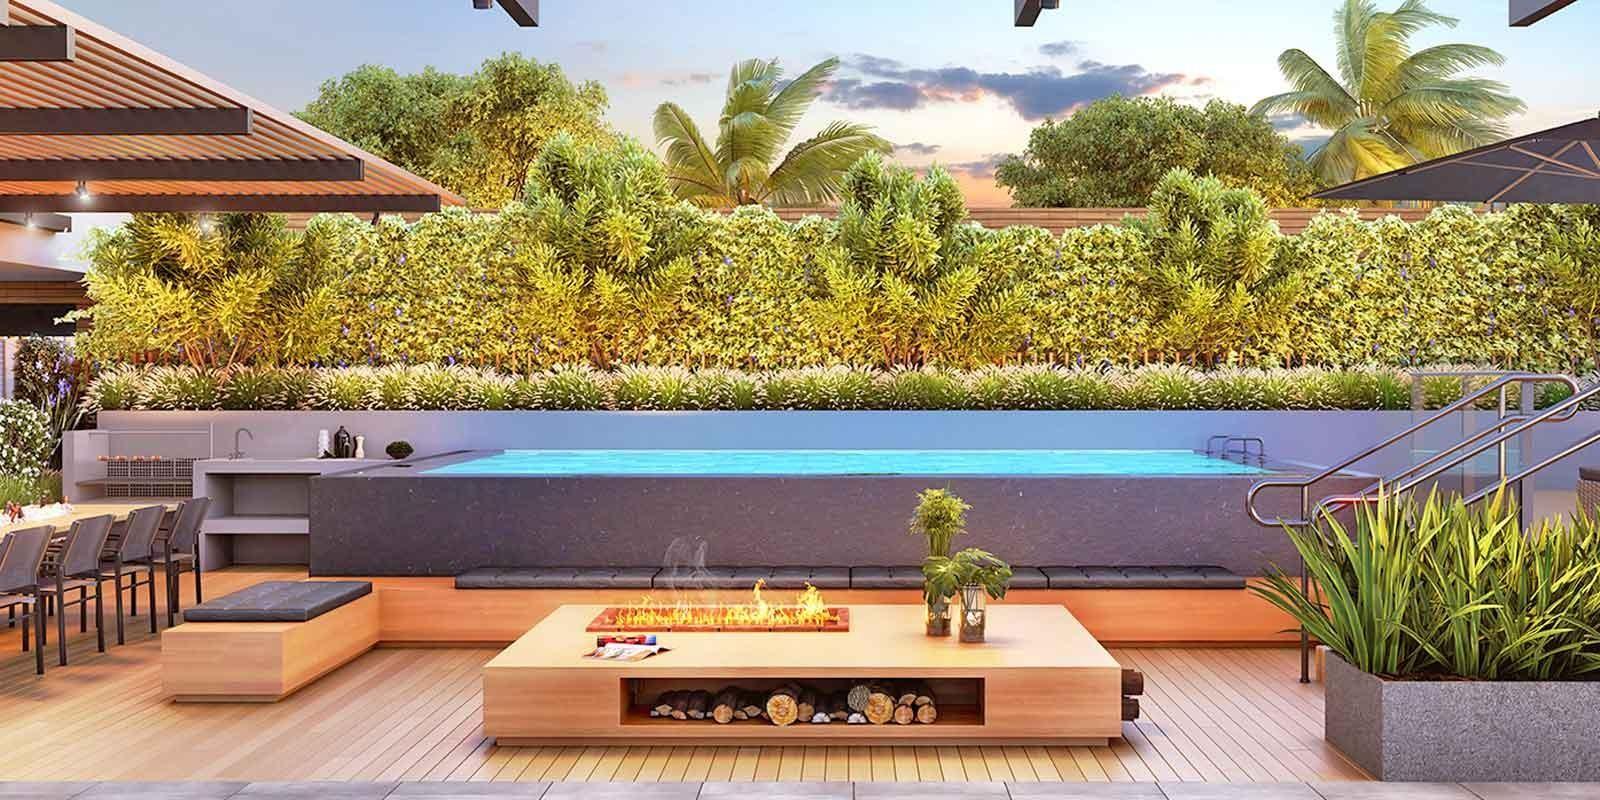 TPS Imóveis - Veja Foto 16 de 20 do Lindos Apartamentos com 3 Suítes Perto da Natureza